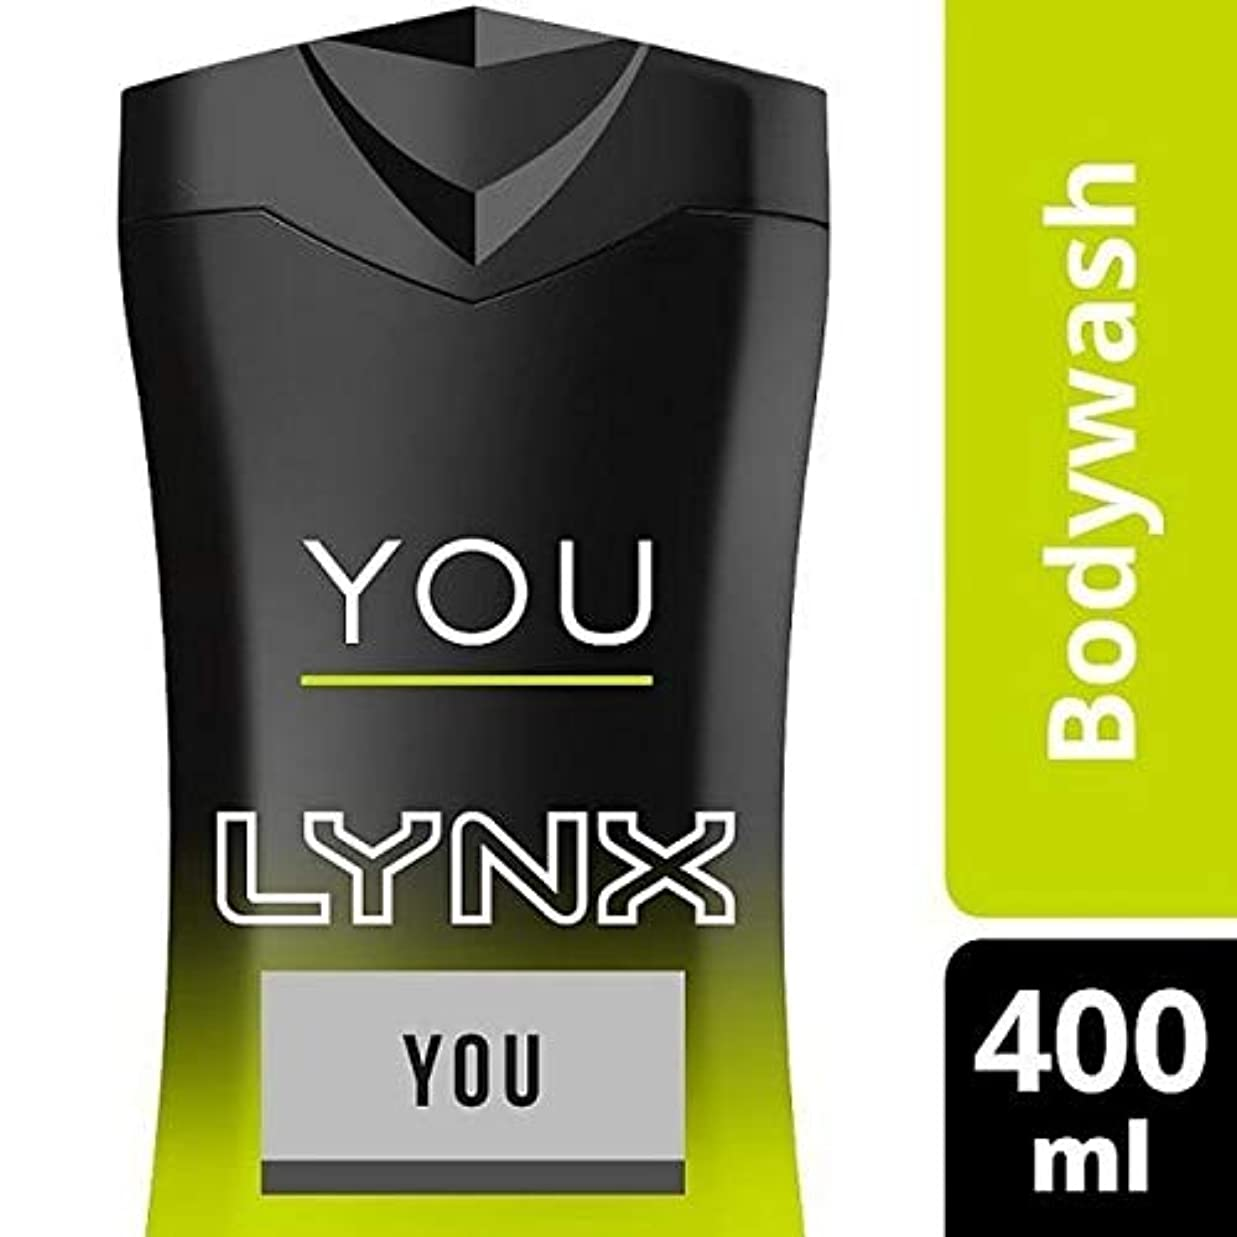 コックどっち辞任する[Lynx ] あなたは400ミリリットルLynx - Lynx YOU 400ml [並行輸入品]